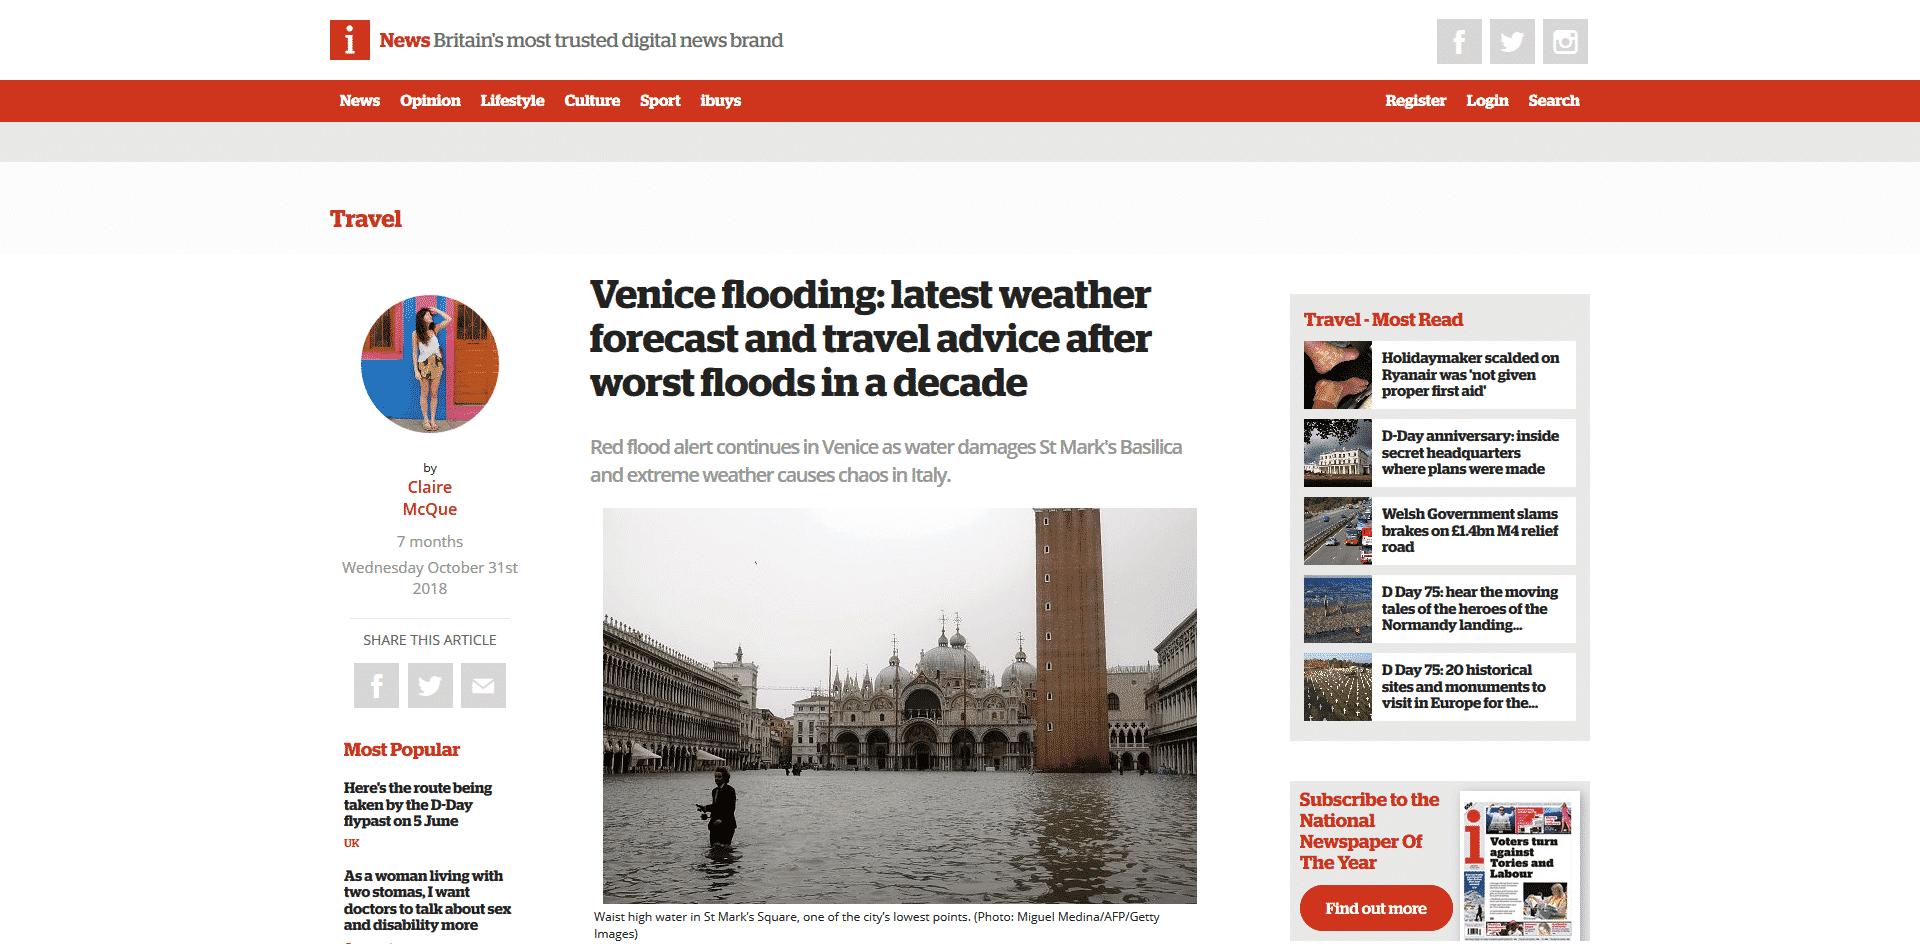 iNews Quotes Venezia Autentica's Experts Regarding Acqua Alta - Venezia Autentica | Discover and Support the Authentic Venice -